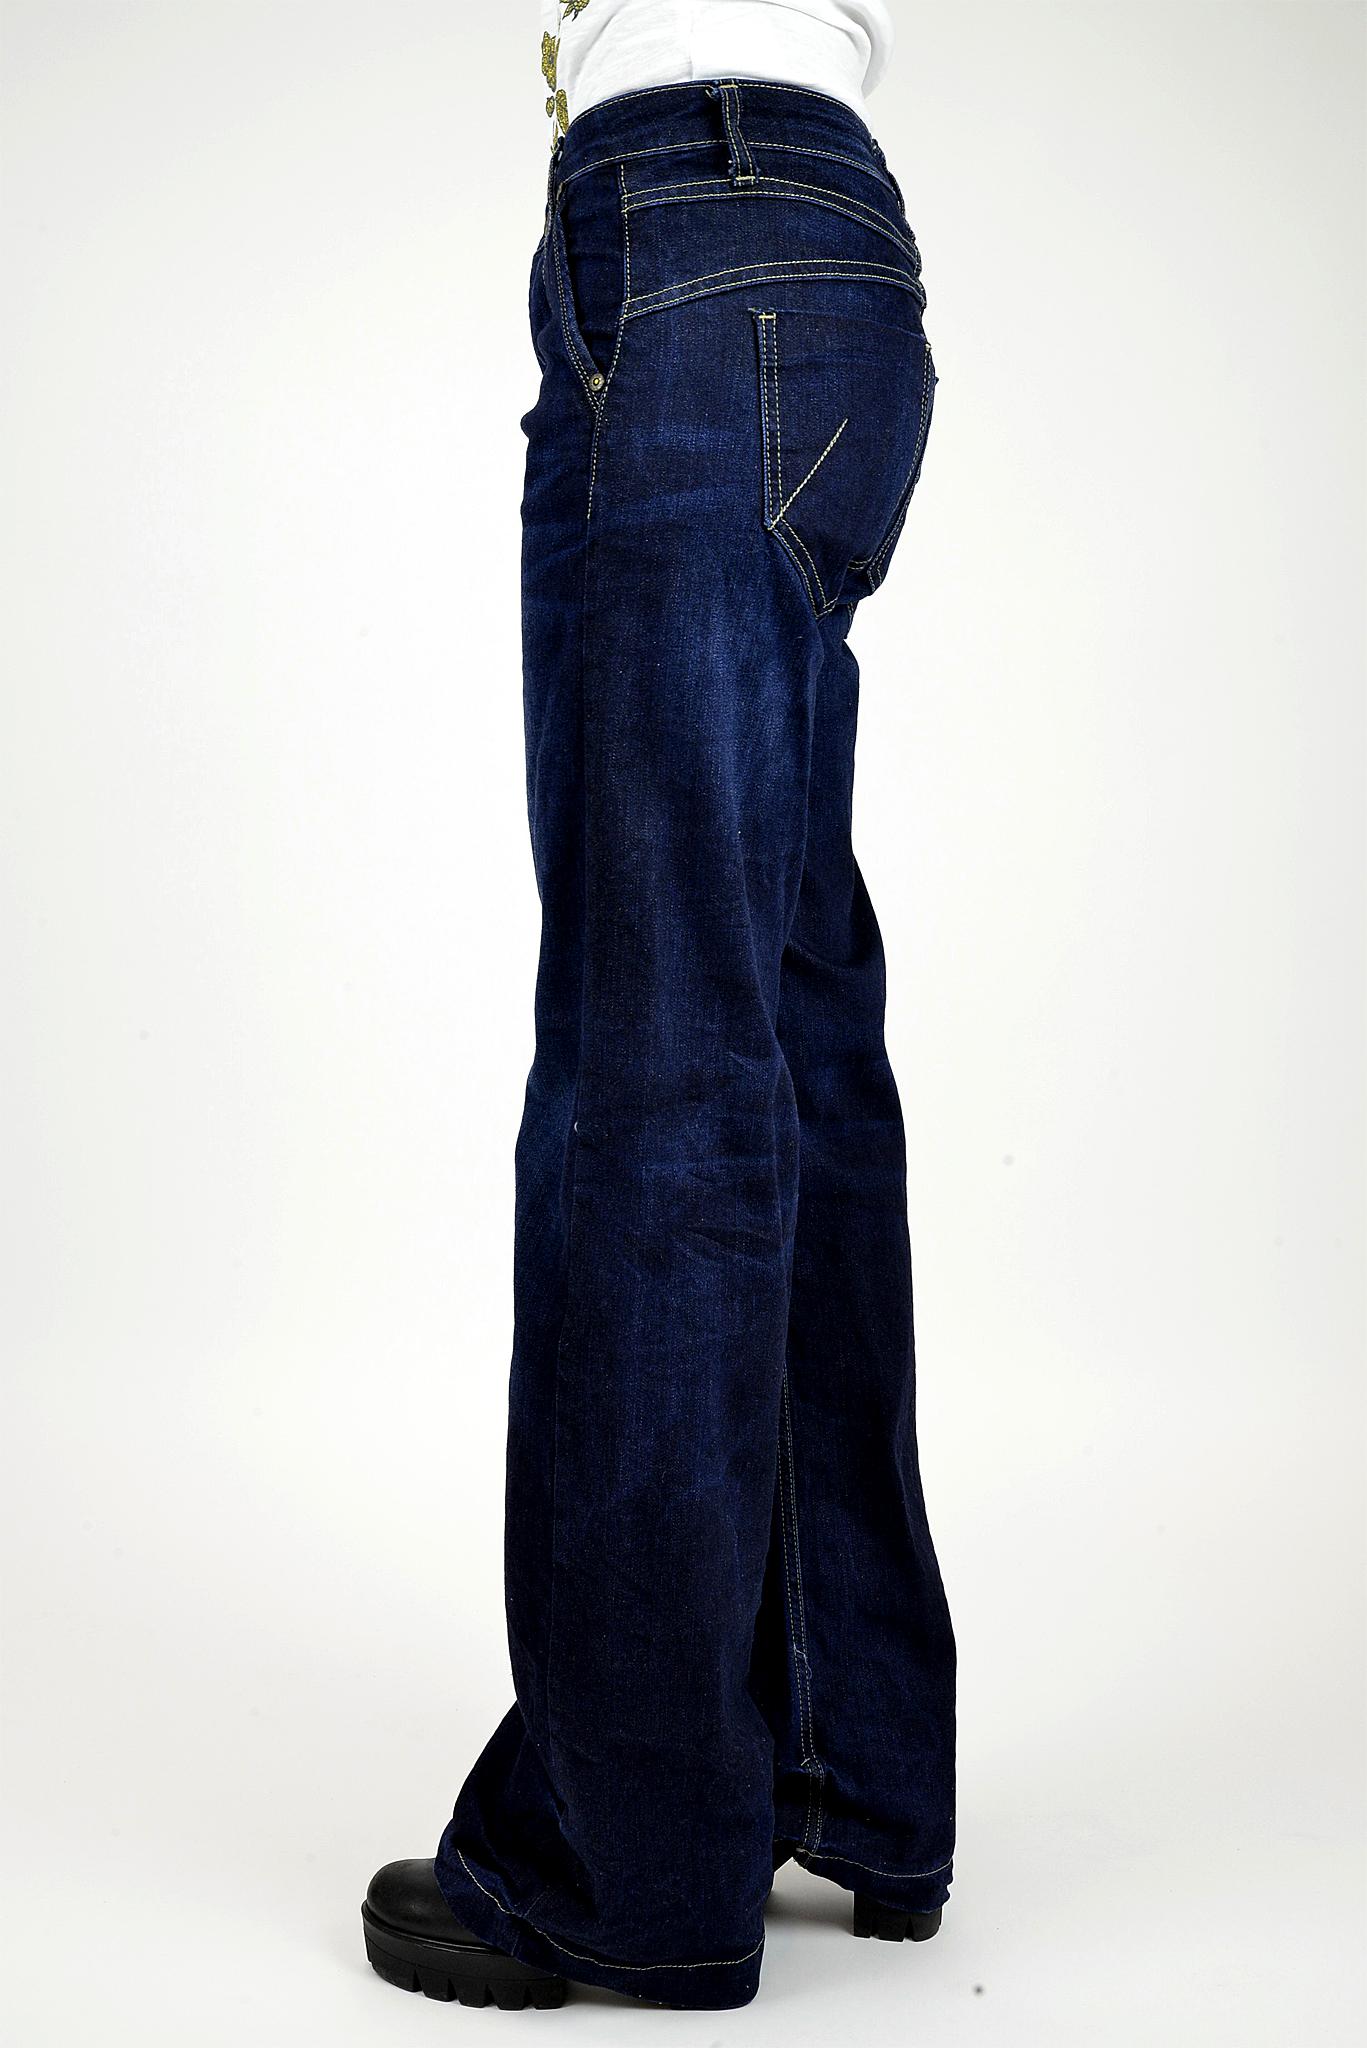 Jeans Please Palazzo Upl Scuro Di Blu Donna rI0xrAqw